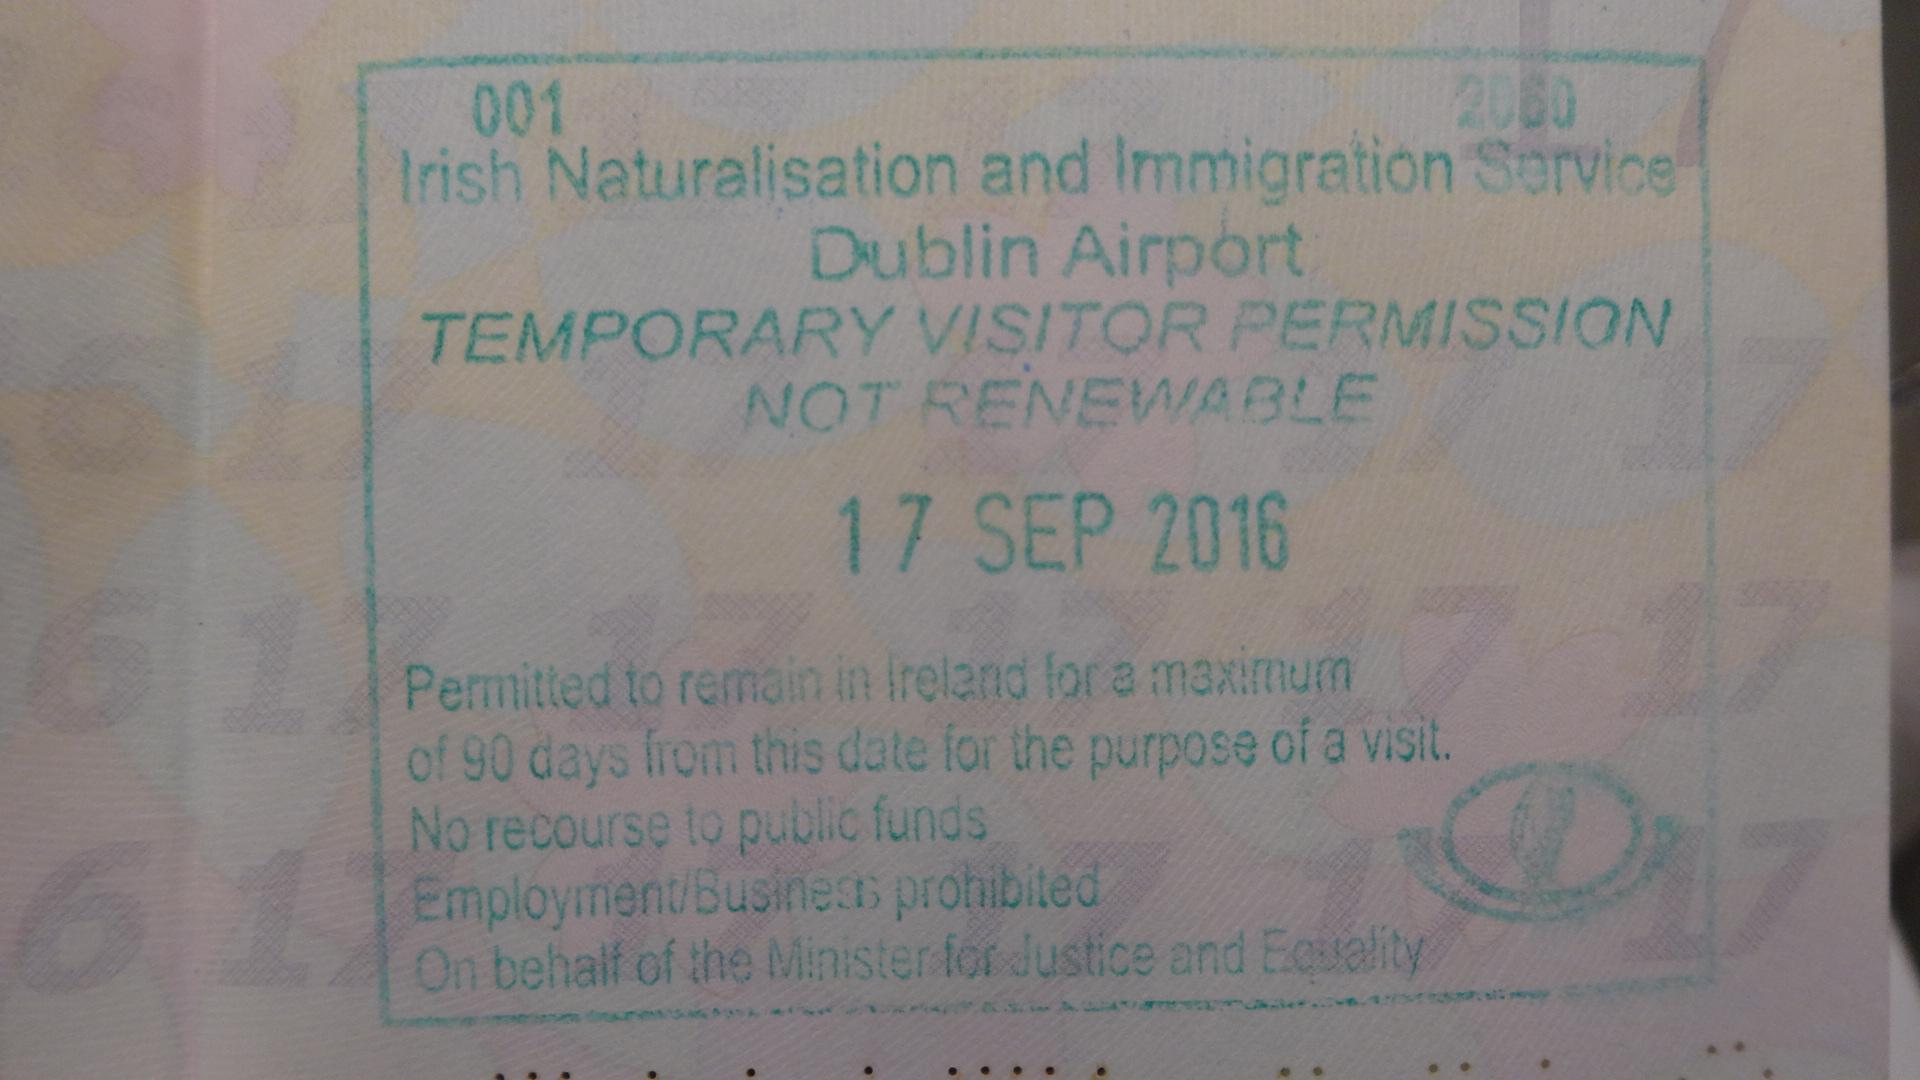 アイルランドの入国スタンプ